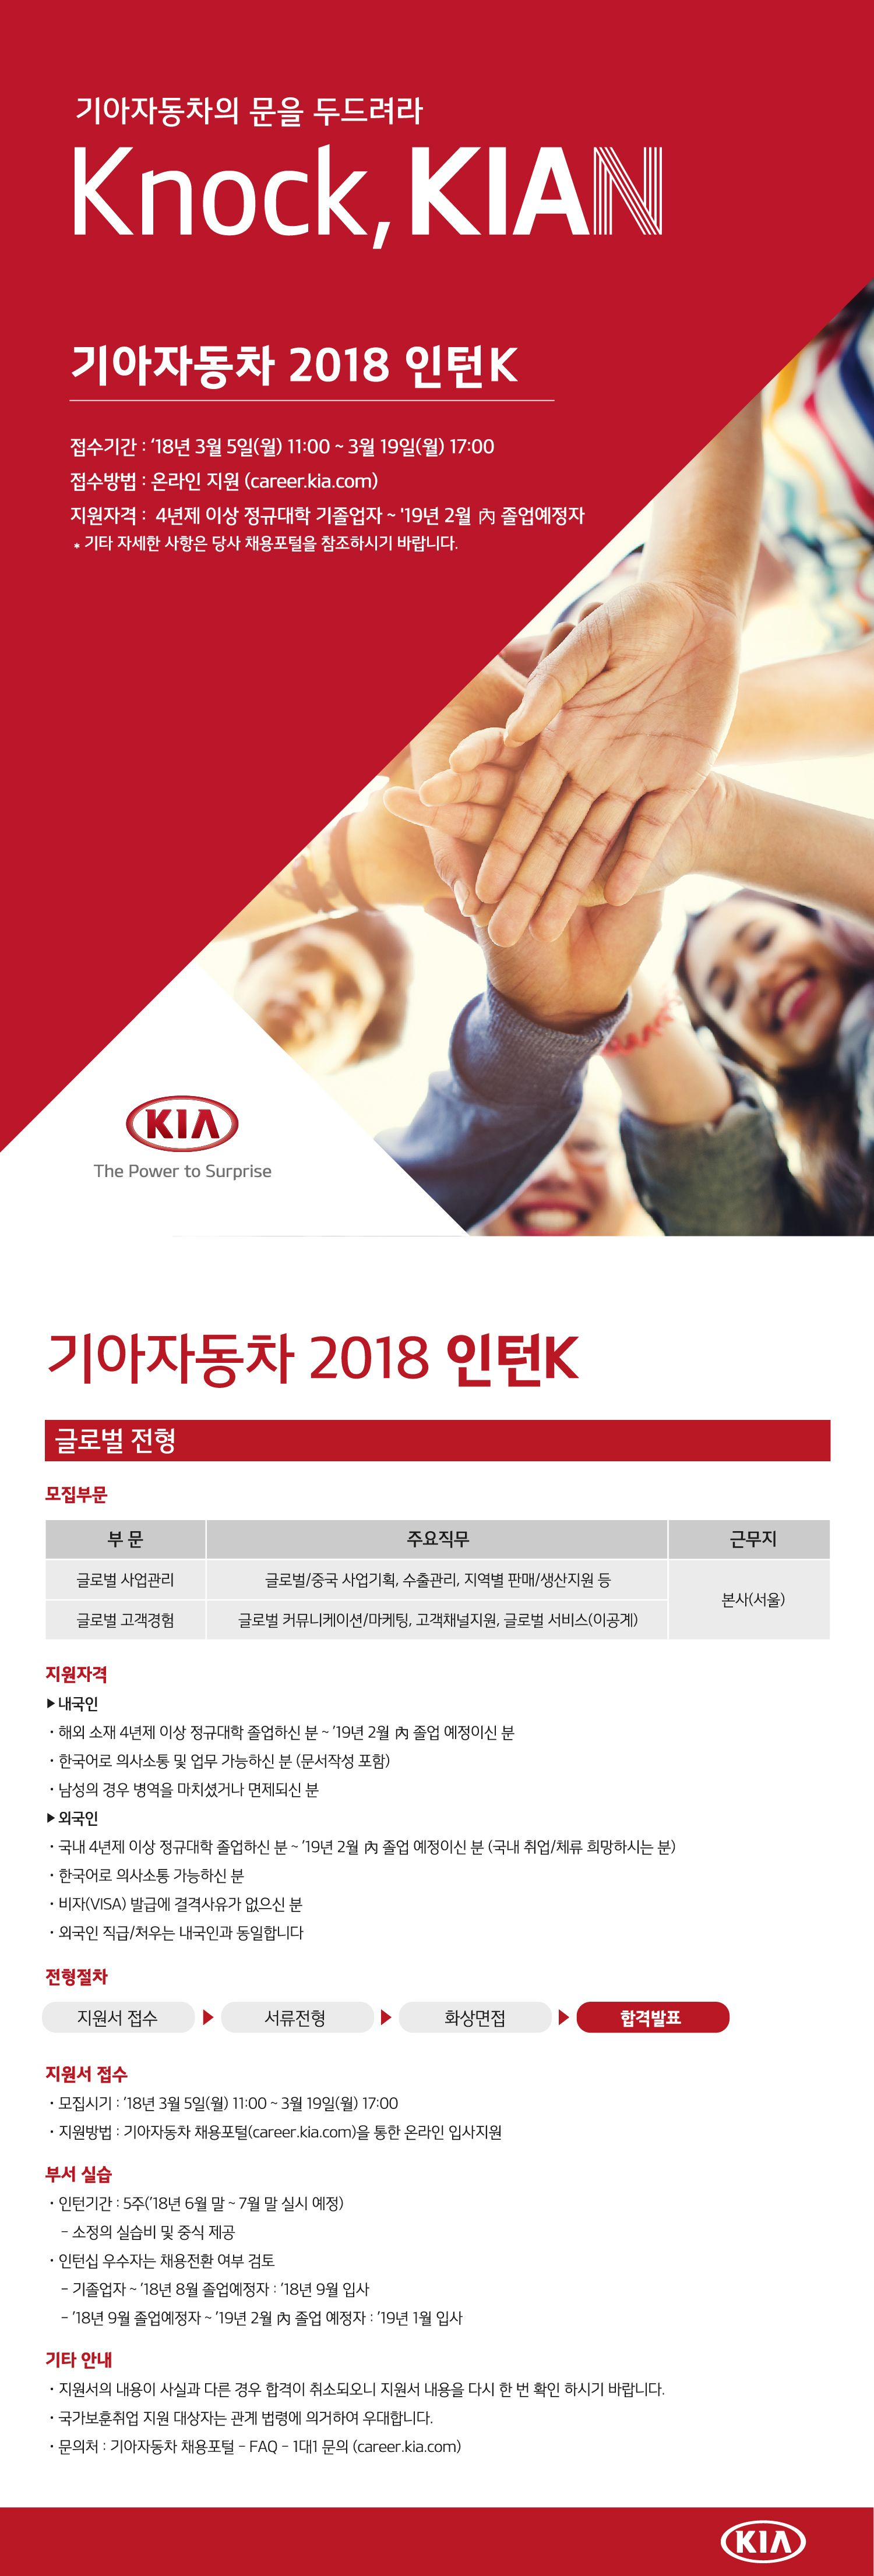 [기아자동차] 2018 인턴K 모집